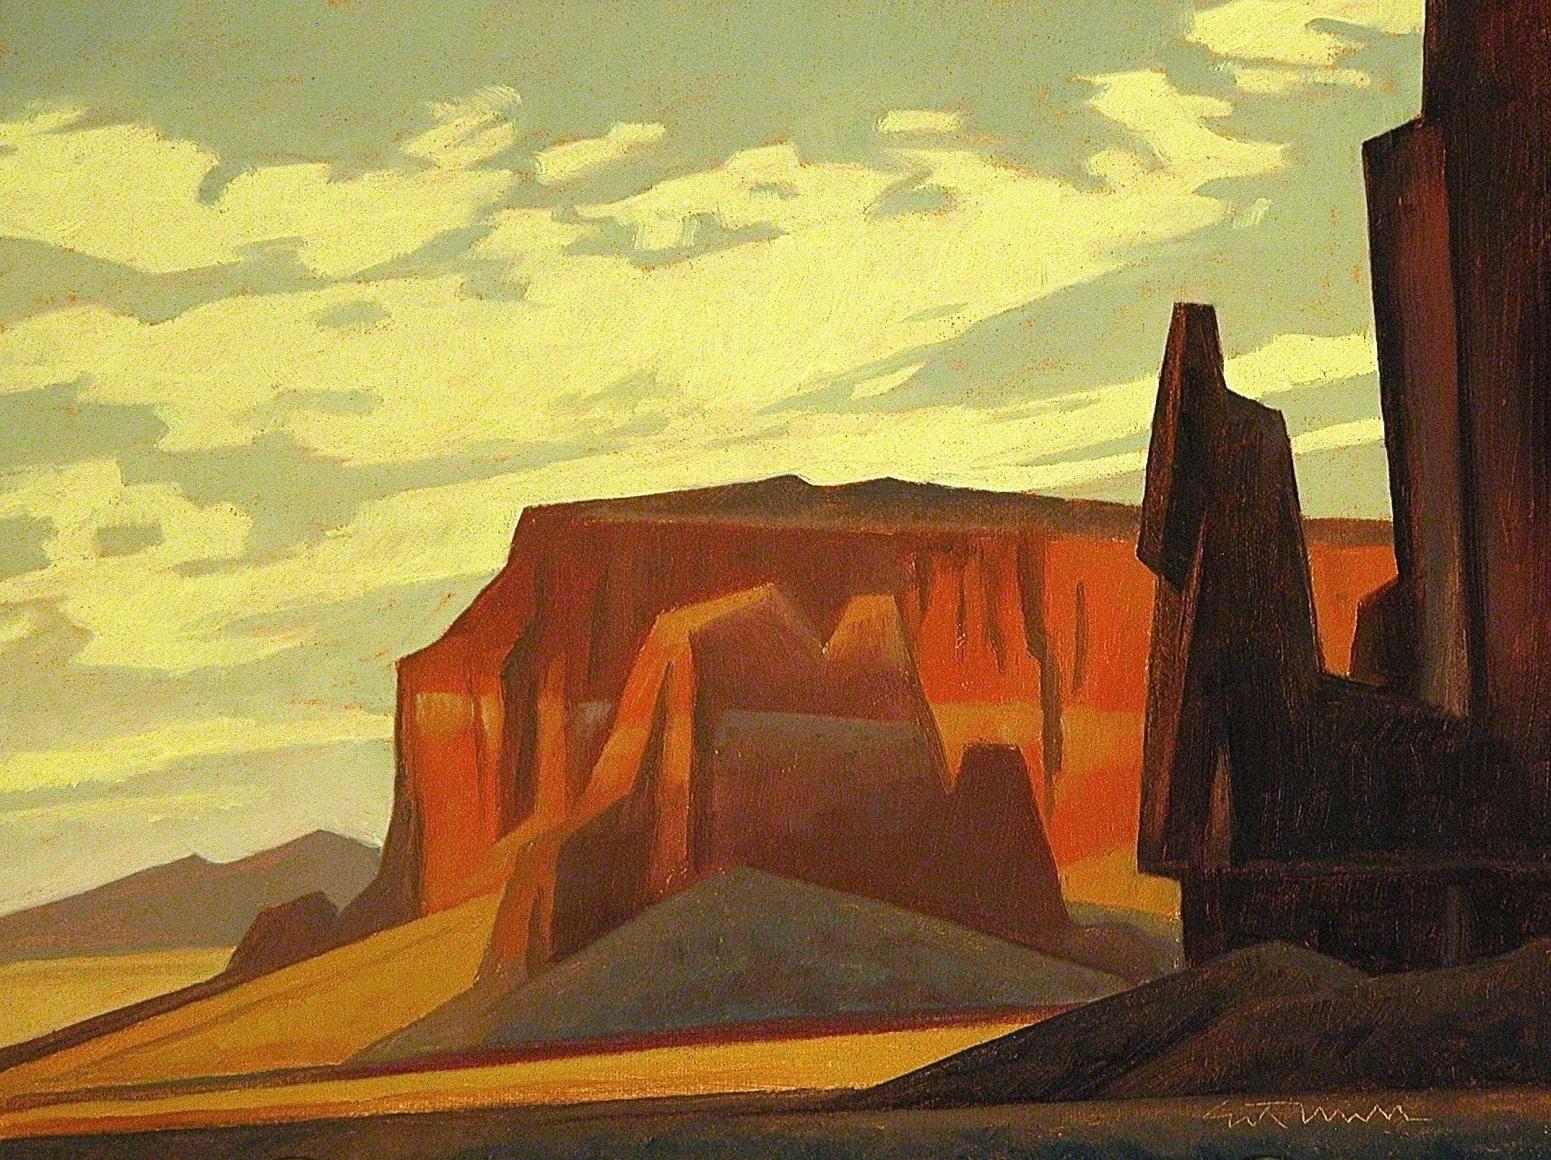 Black Desert Mesa, Ed Mell